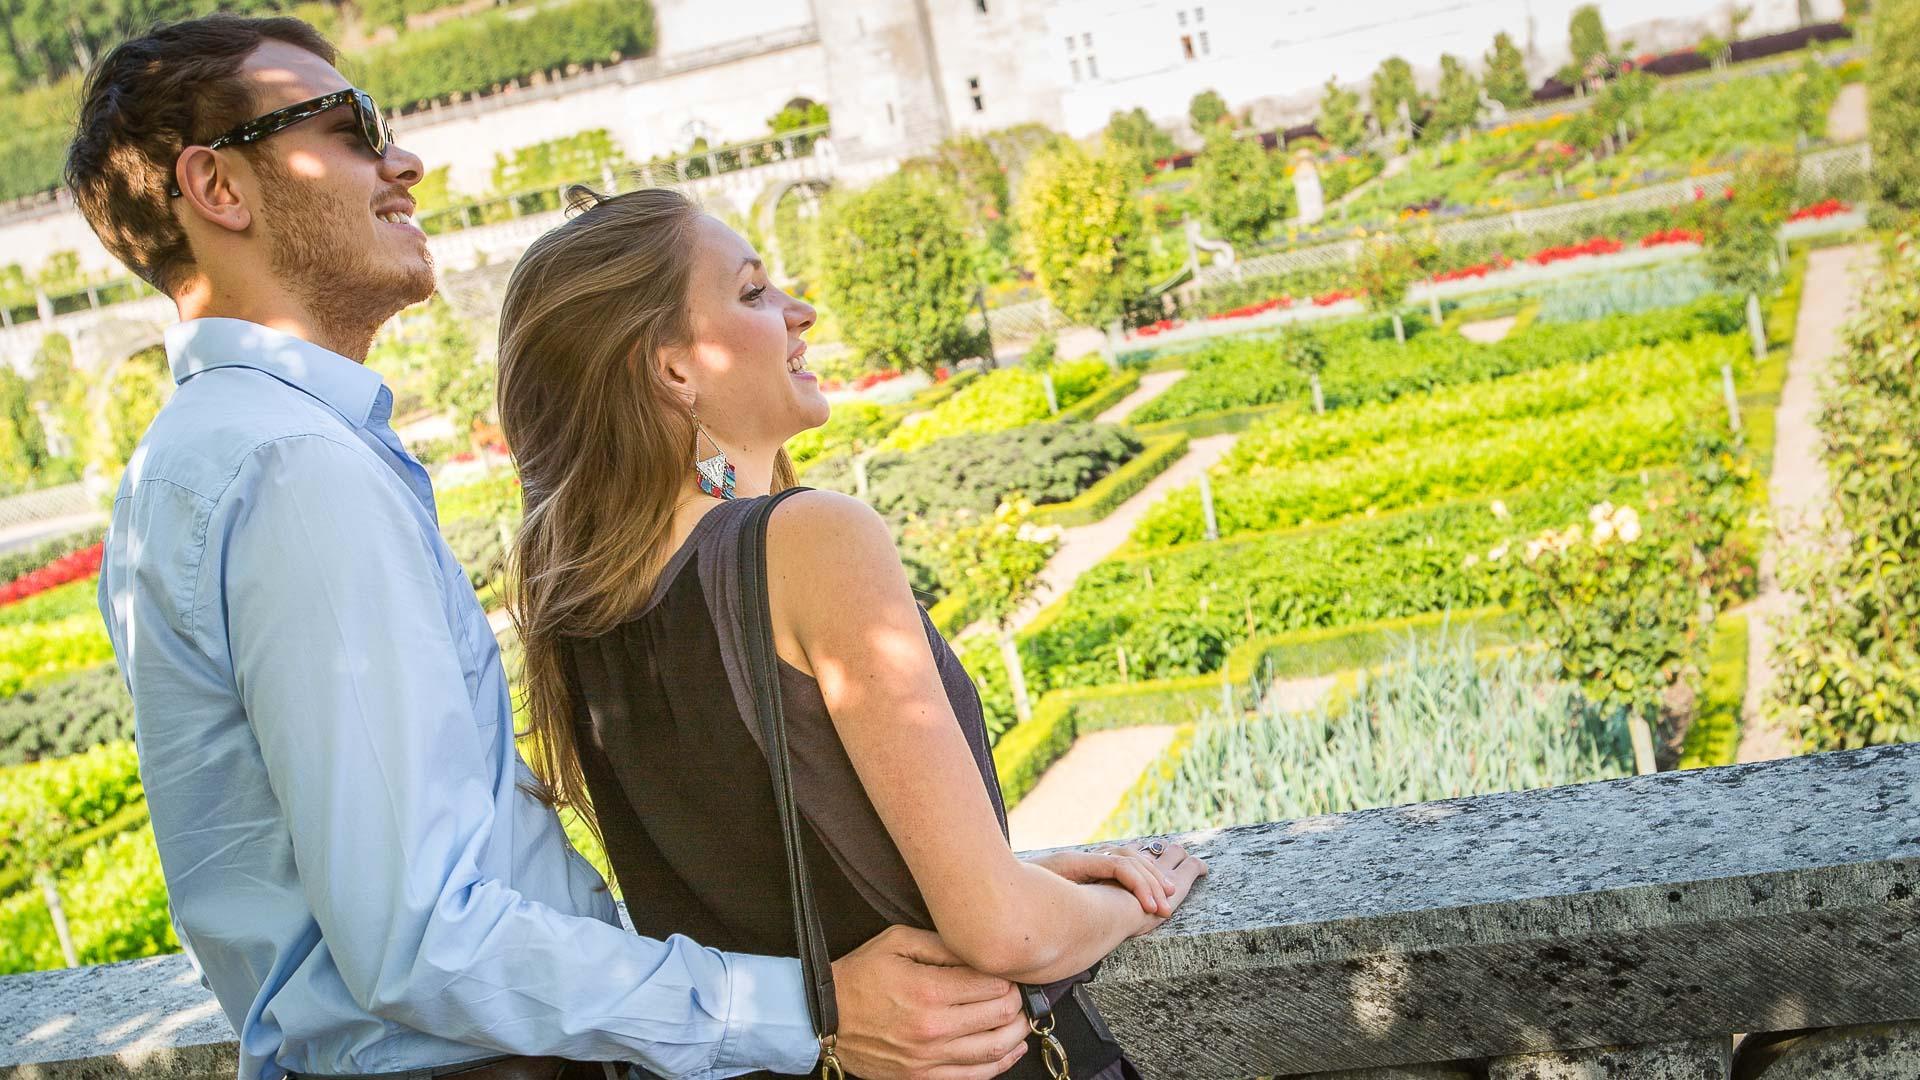 Les jardins de Villandry - Idée de vacances en amoureux en Touraine. Idéal pour un séjour romantique à deux en France, week-end en amoureux à moins de 2h de Paris.